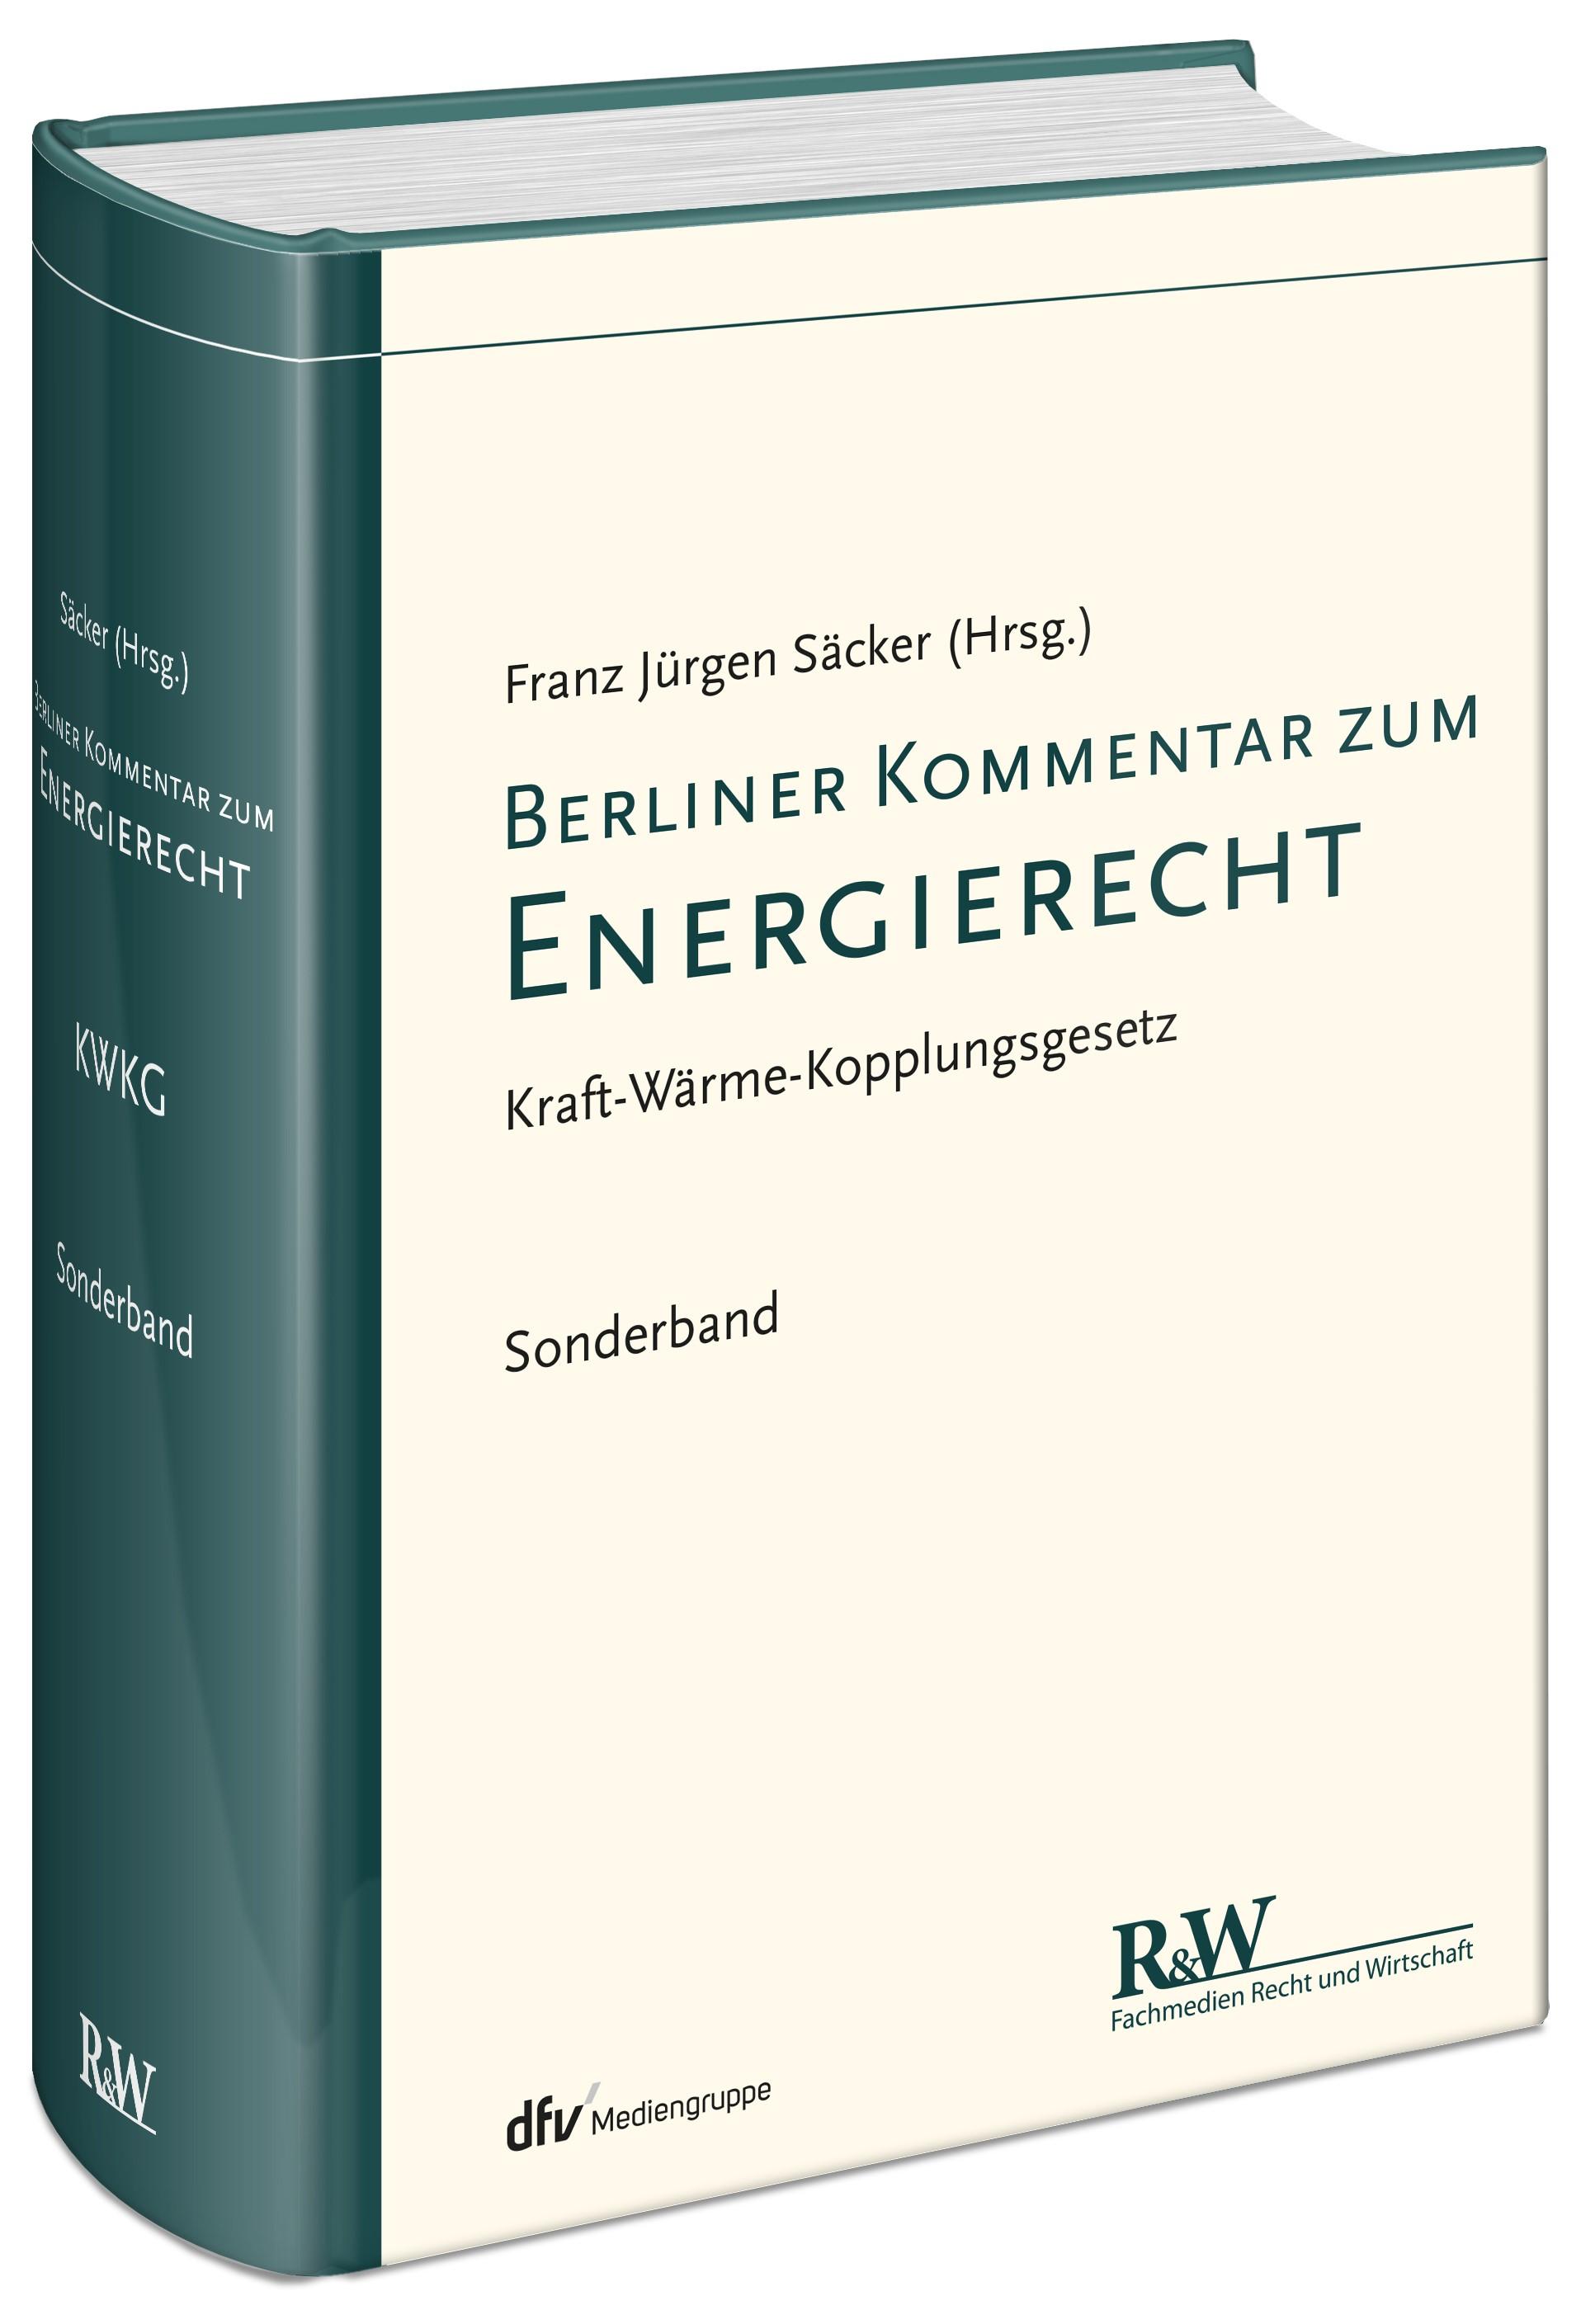 Berliner Kommentar zum Energierecht, Band 5: Kraft-Wärme-Kopplungsgesetz | Säcker | 4. Auflage, 2017 | Buch (Cover)